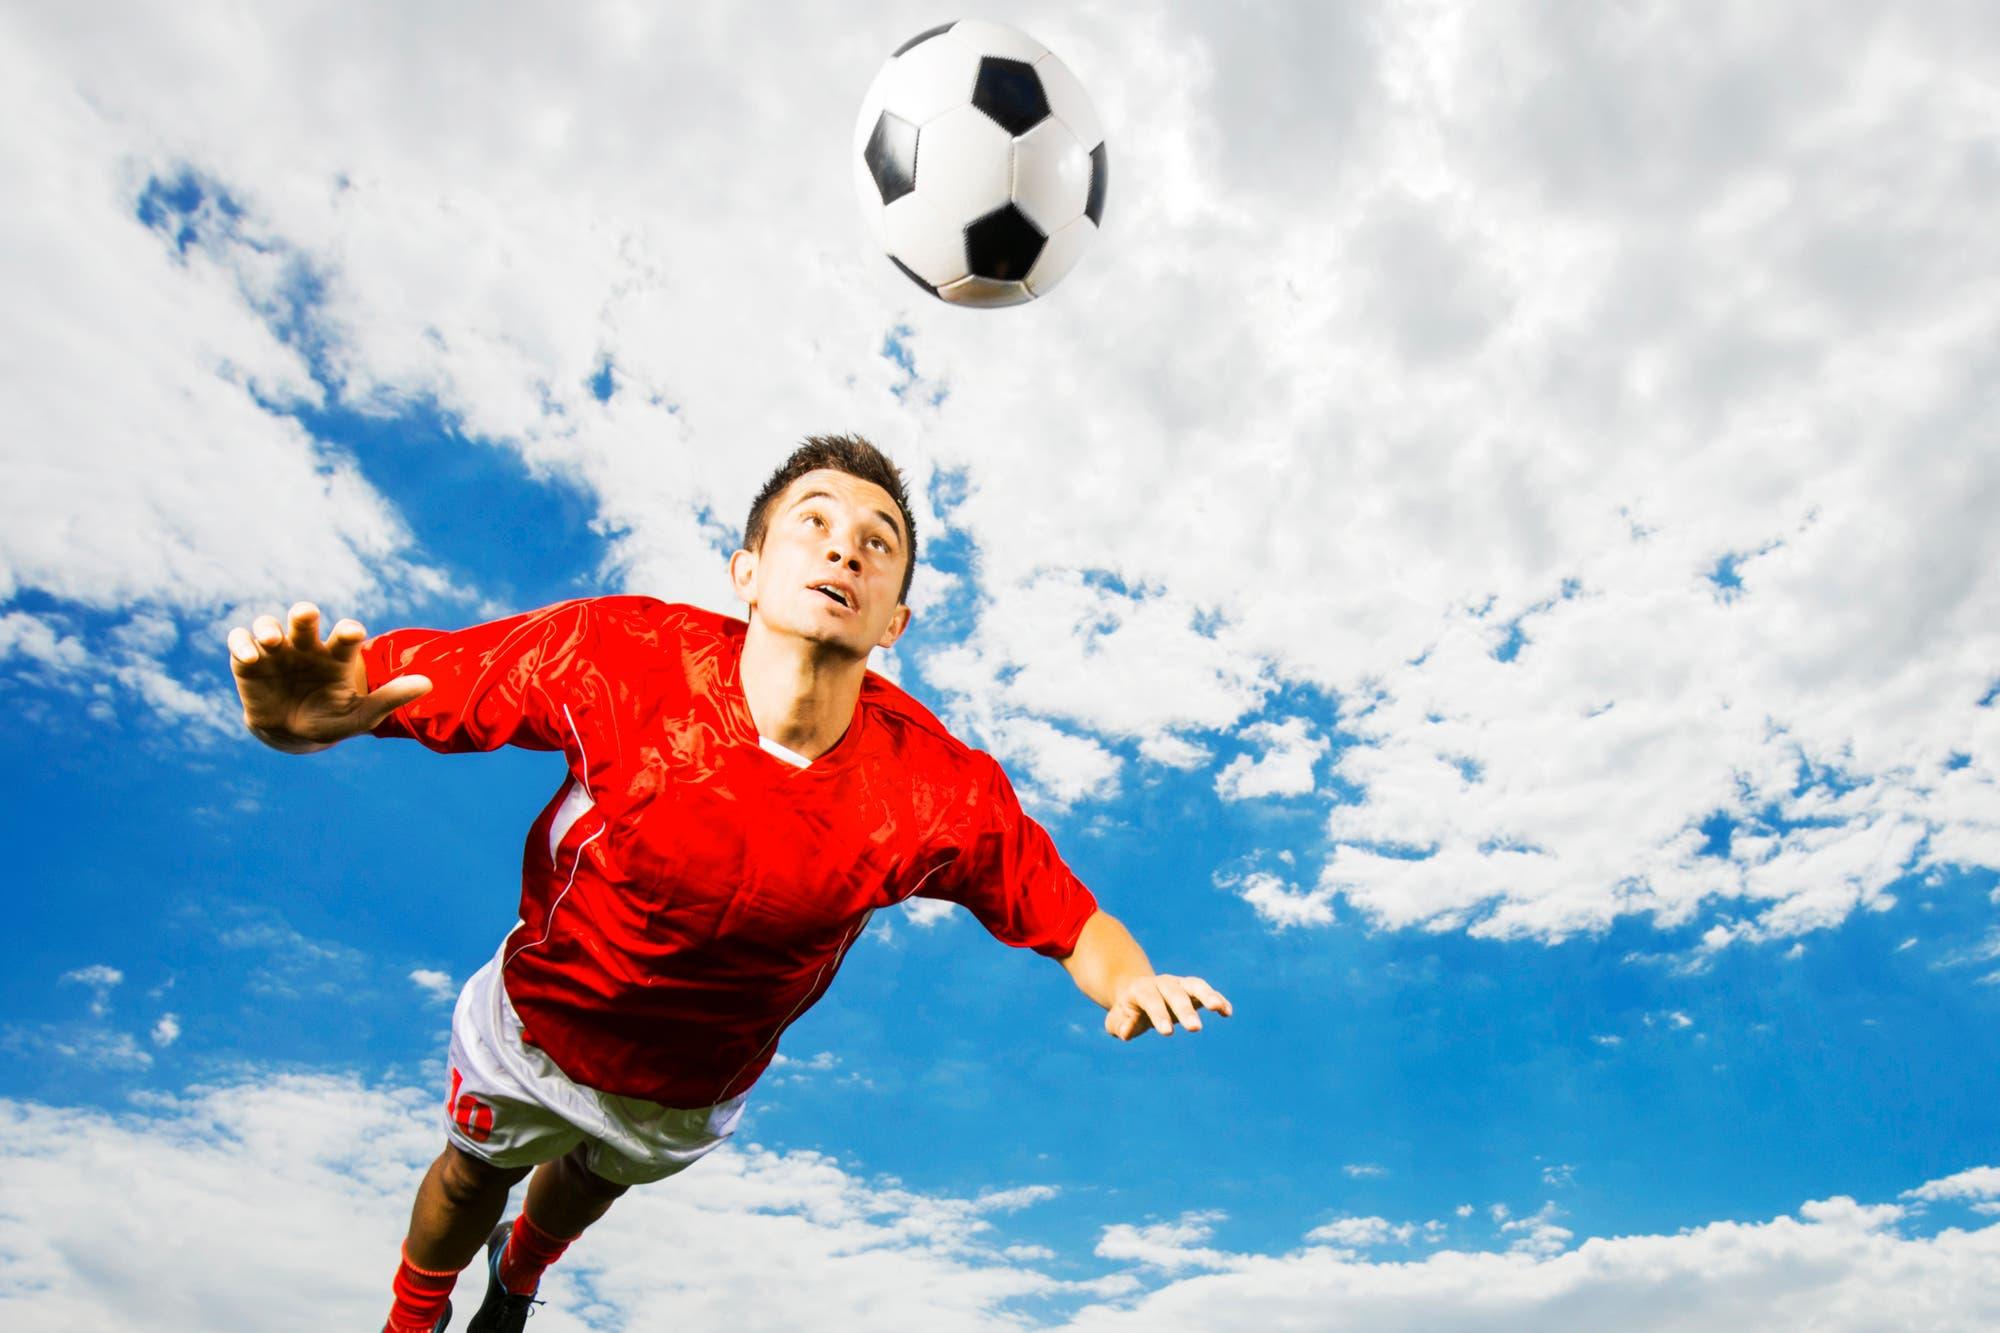 Fußballspieler setzt zum Kopfball an